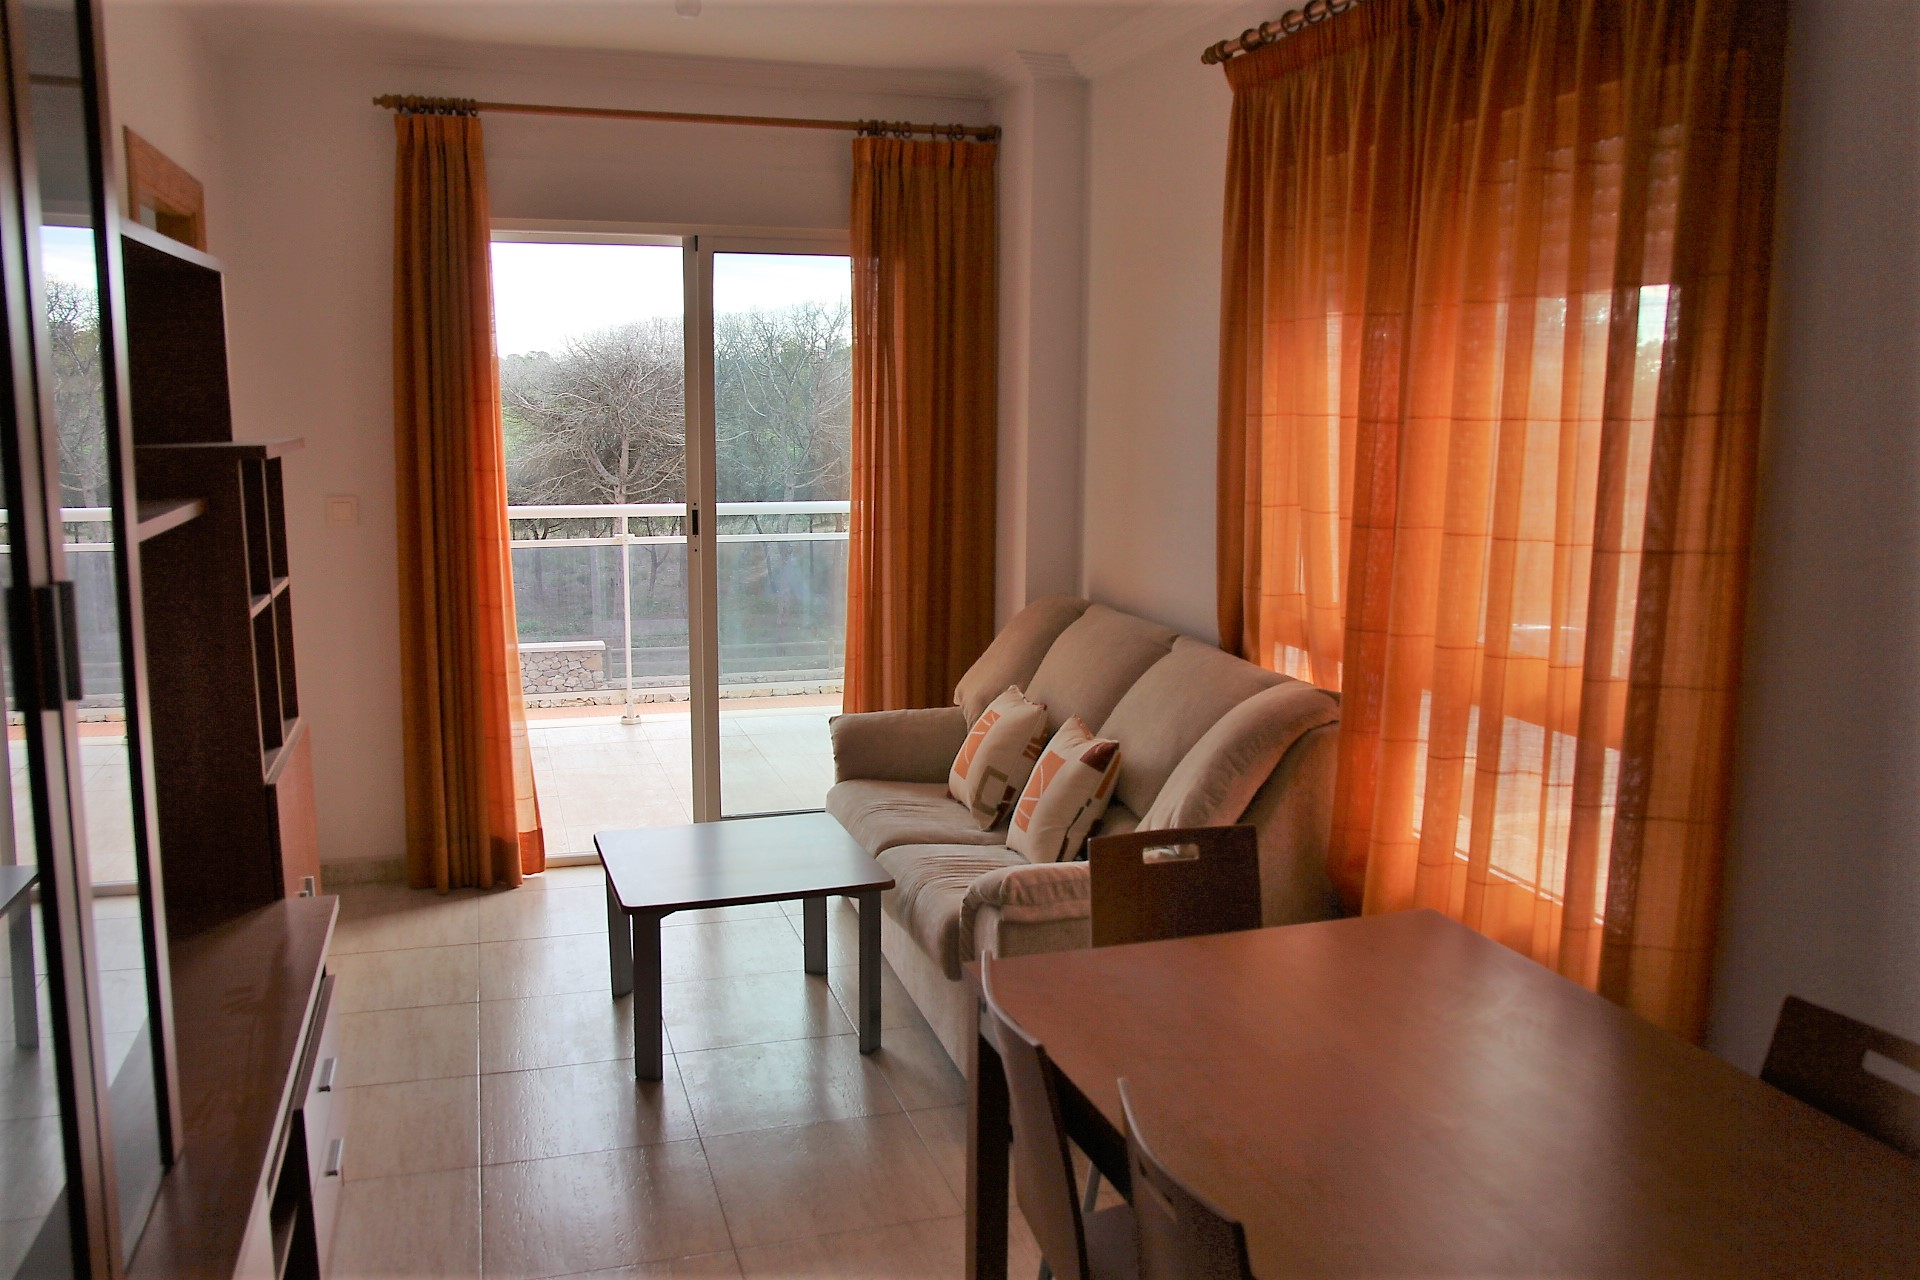 Apartment in Guardadamar del Segura near the pine forest, Alicante,Spain